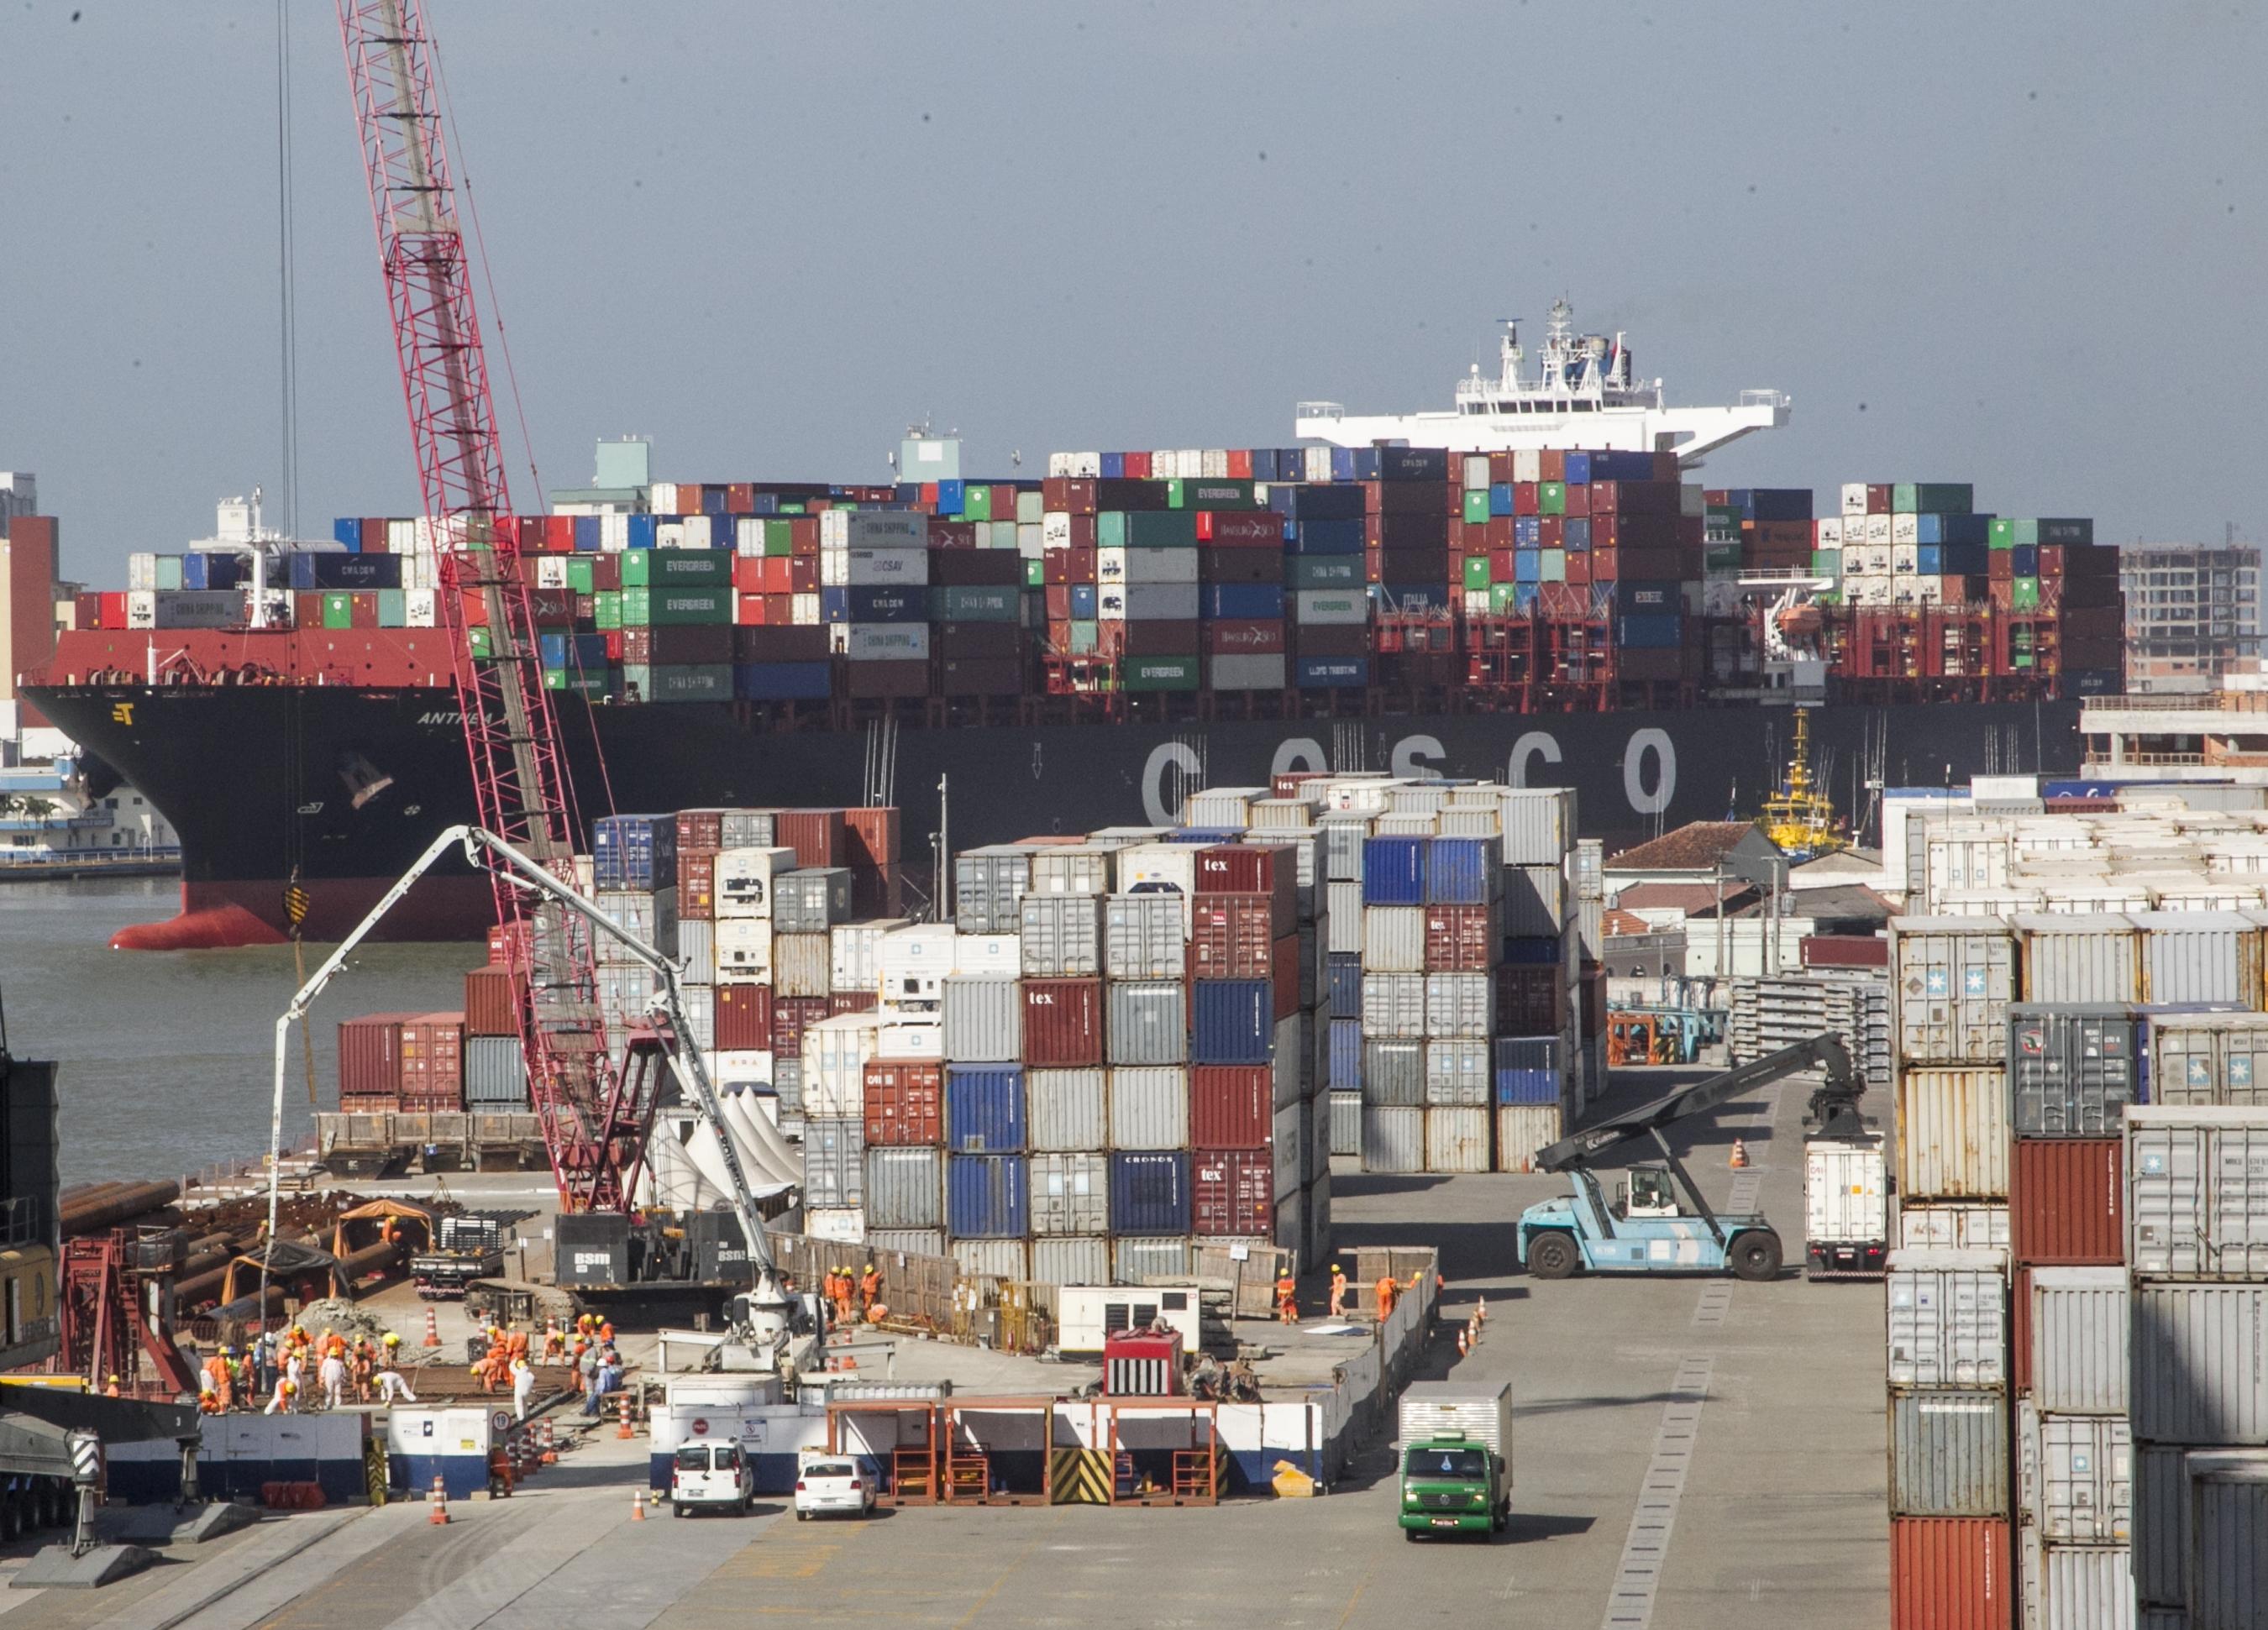 Com cinco terminais portuários, Santa Catarina luta para se livrar da ameaça de perder esse filão por causa das deficiências de infraestrutura rodoviária - Marco Santiago/ND